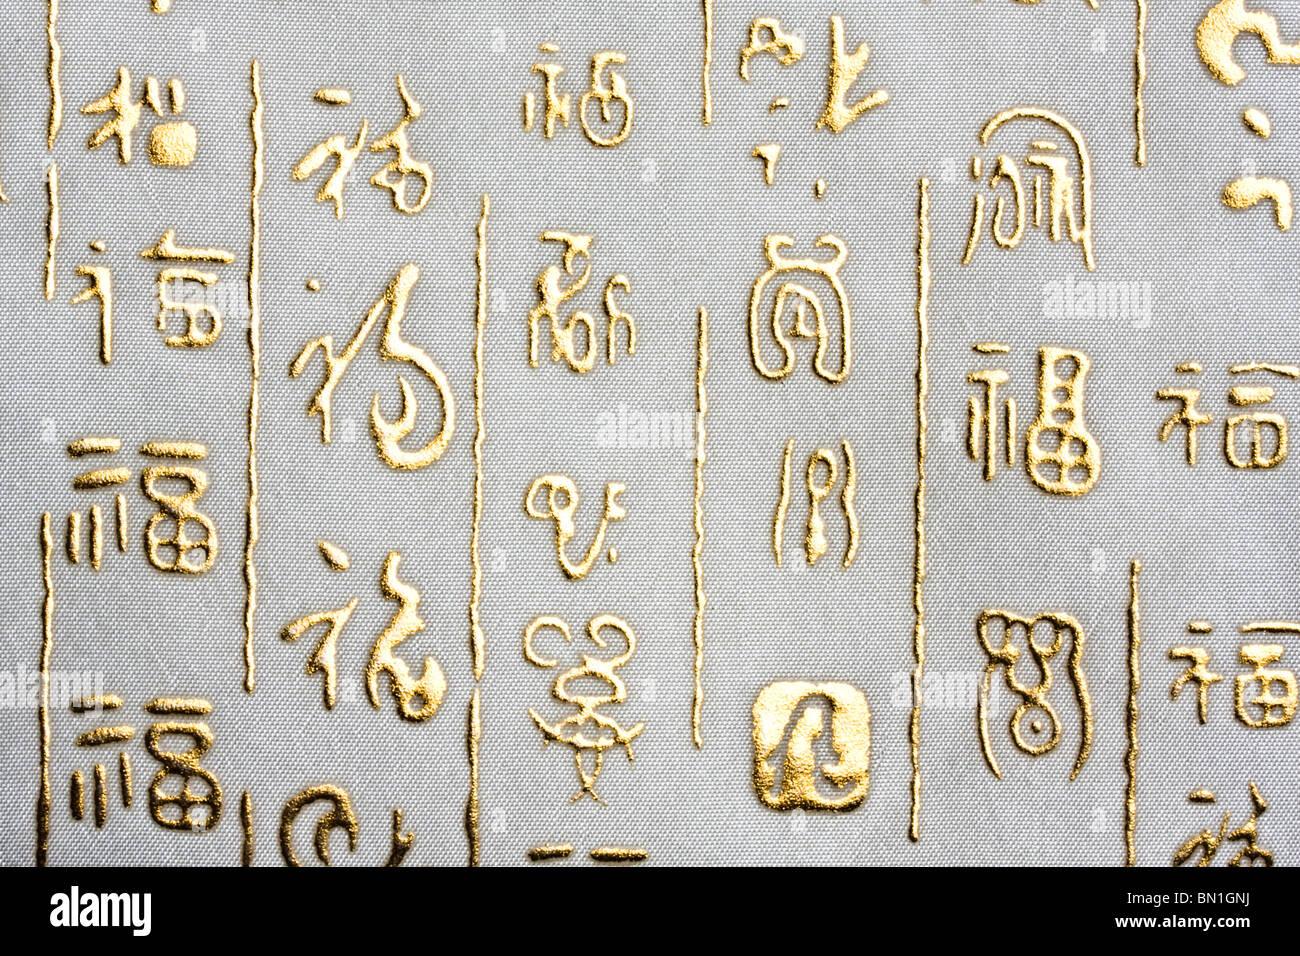 Chinesische Wörter Stockfotos & Chinesische Wörter Bilder - Alamy